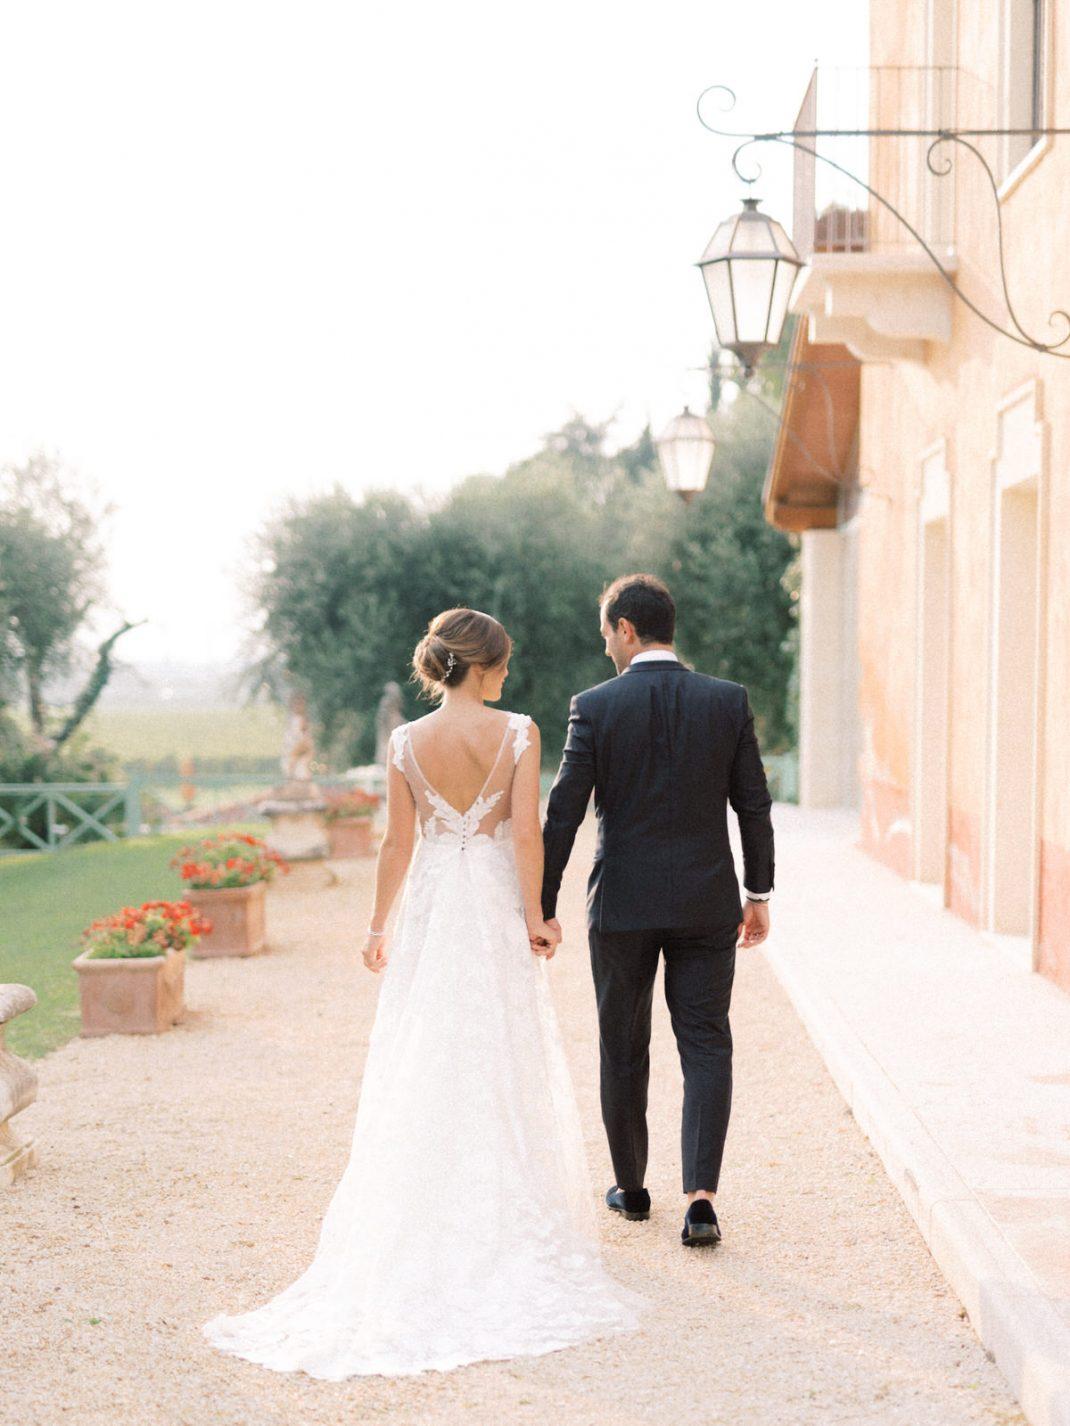 Wedding Photographer Italy - Villa Cordevigo - Youri Claessens Photography